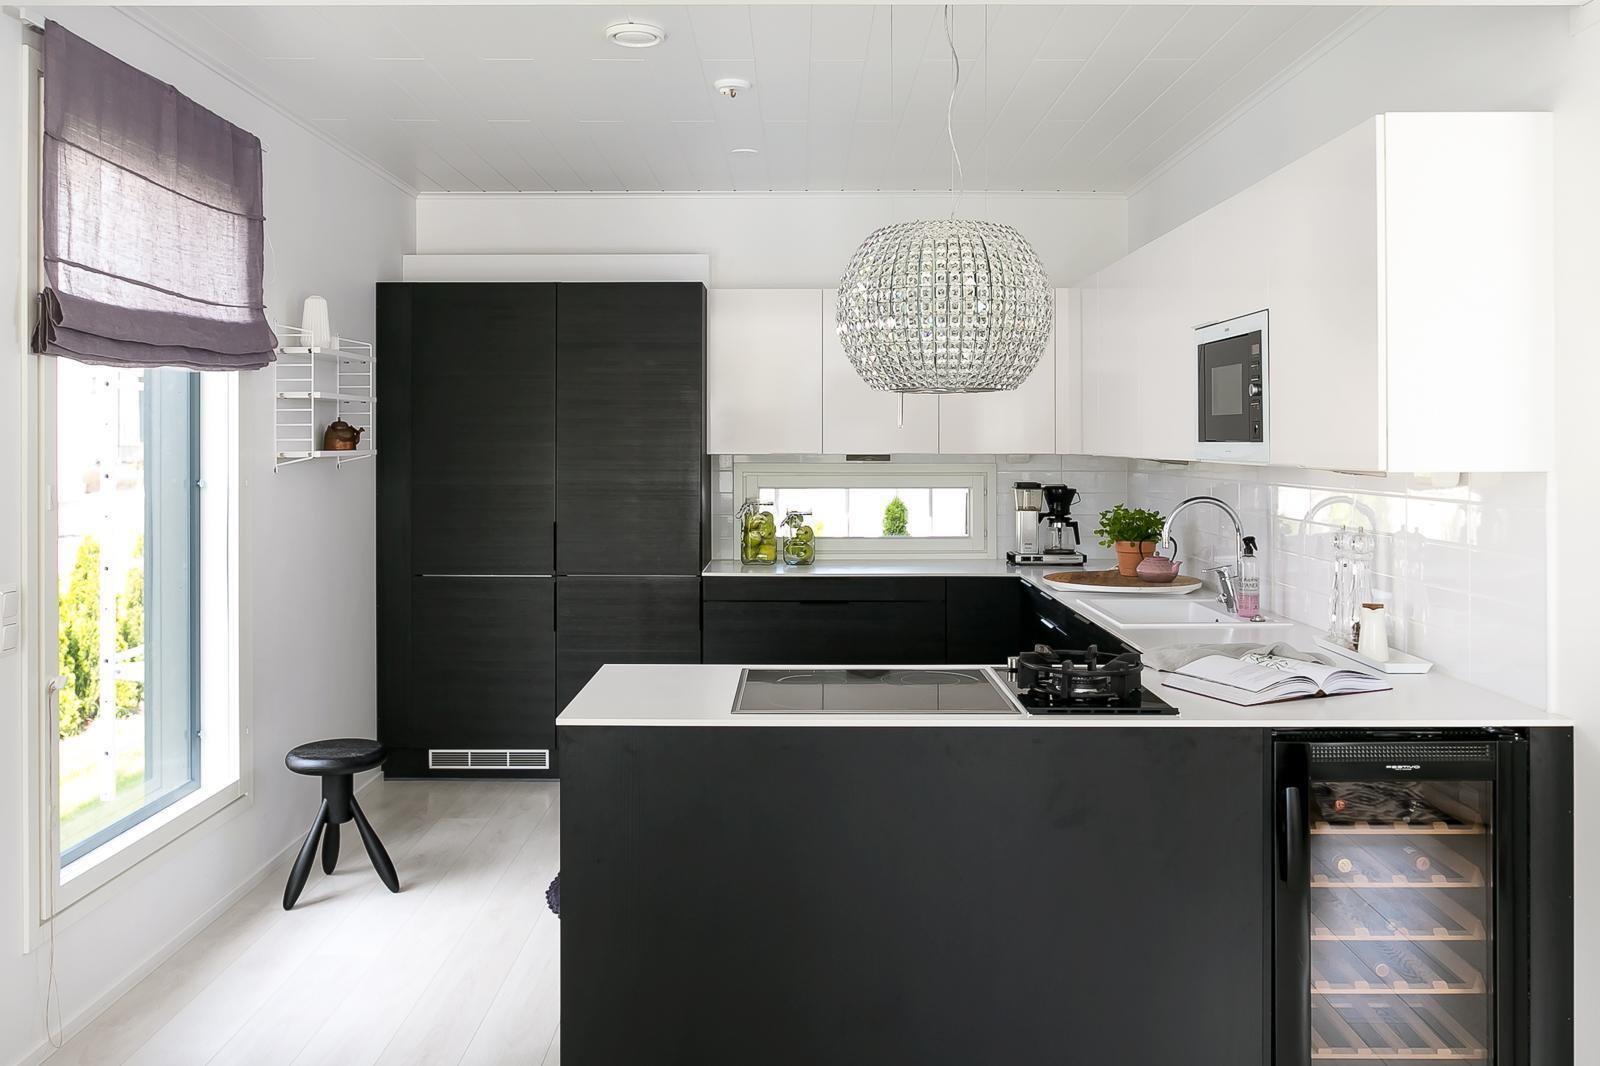 Mustavalkoinen keittiö ja ripaus kristallia  Etuovi com